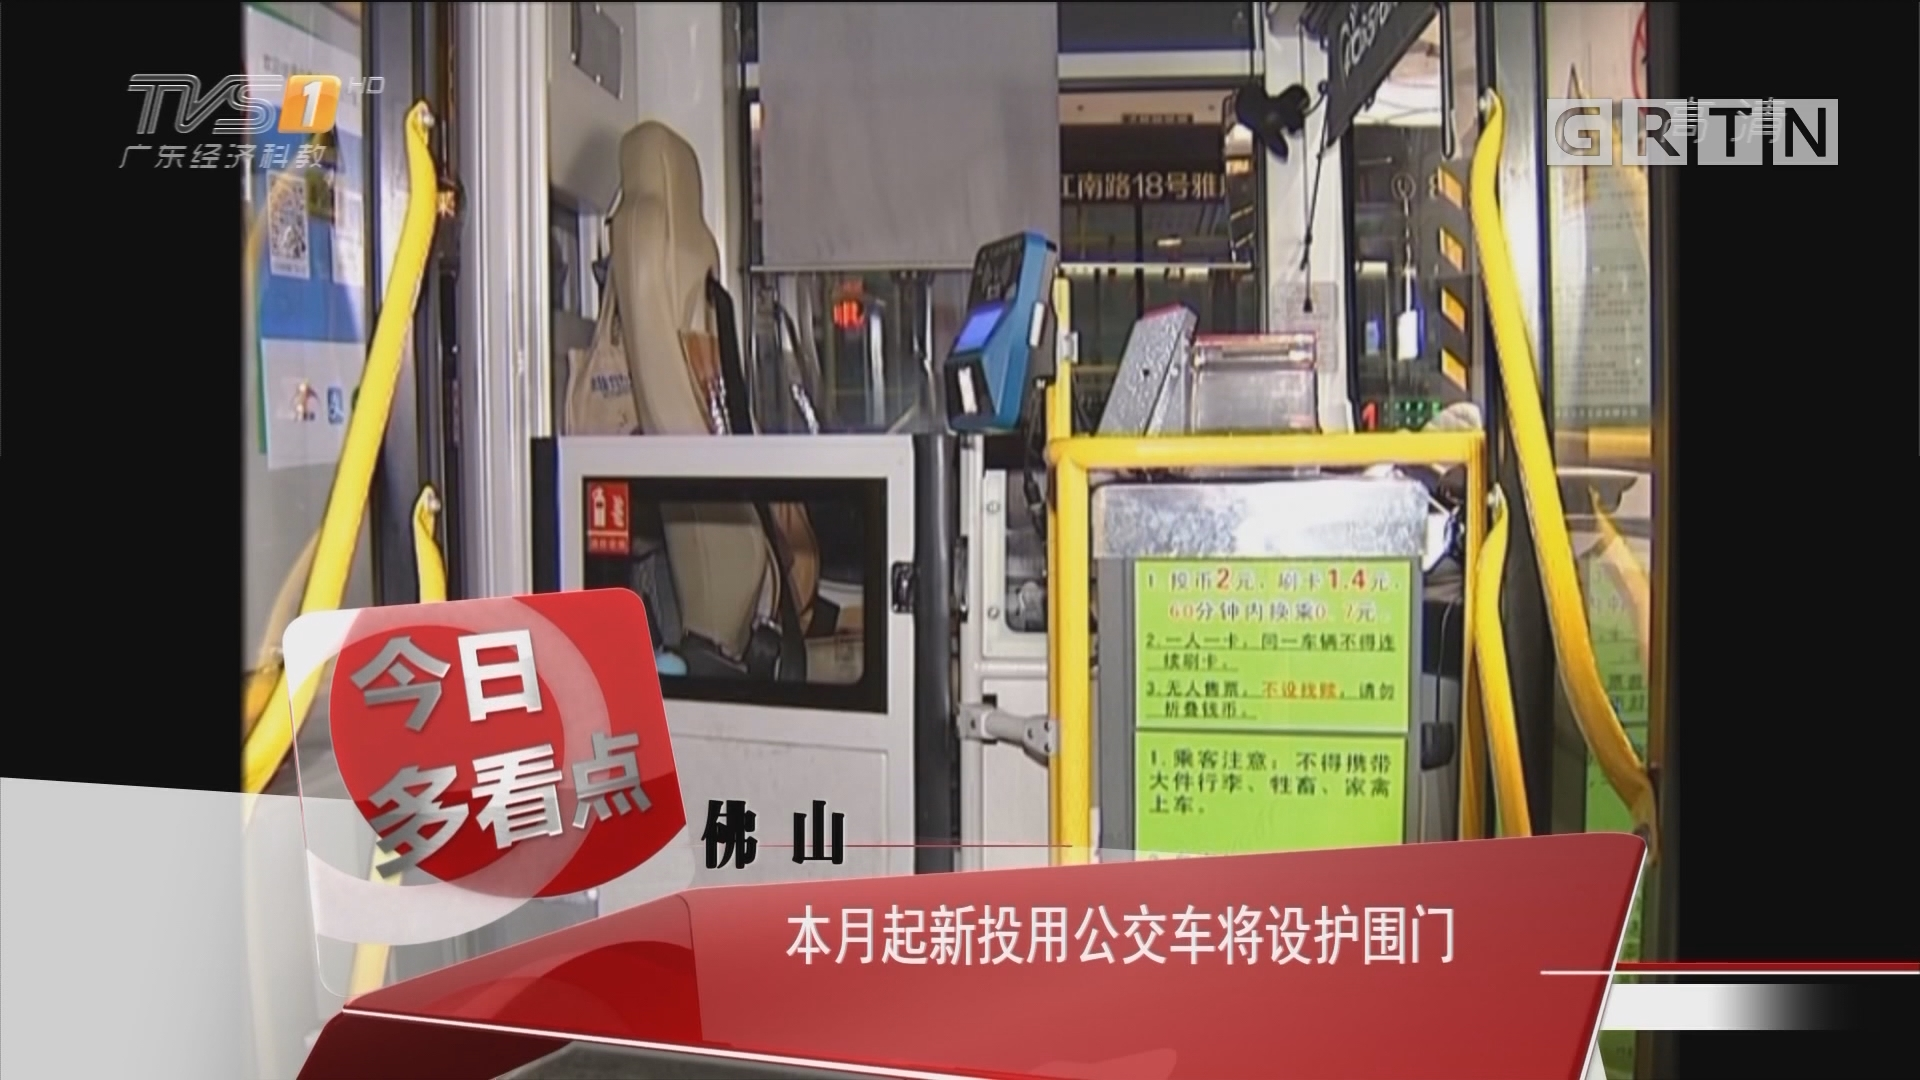 佛山:本月起新投用公交车将设护围门